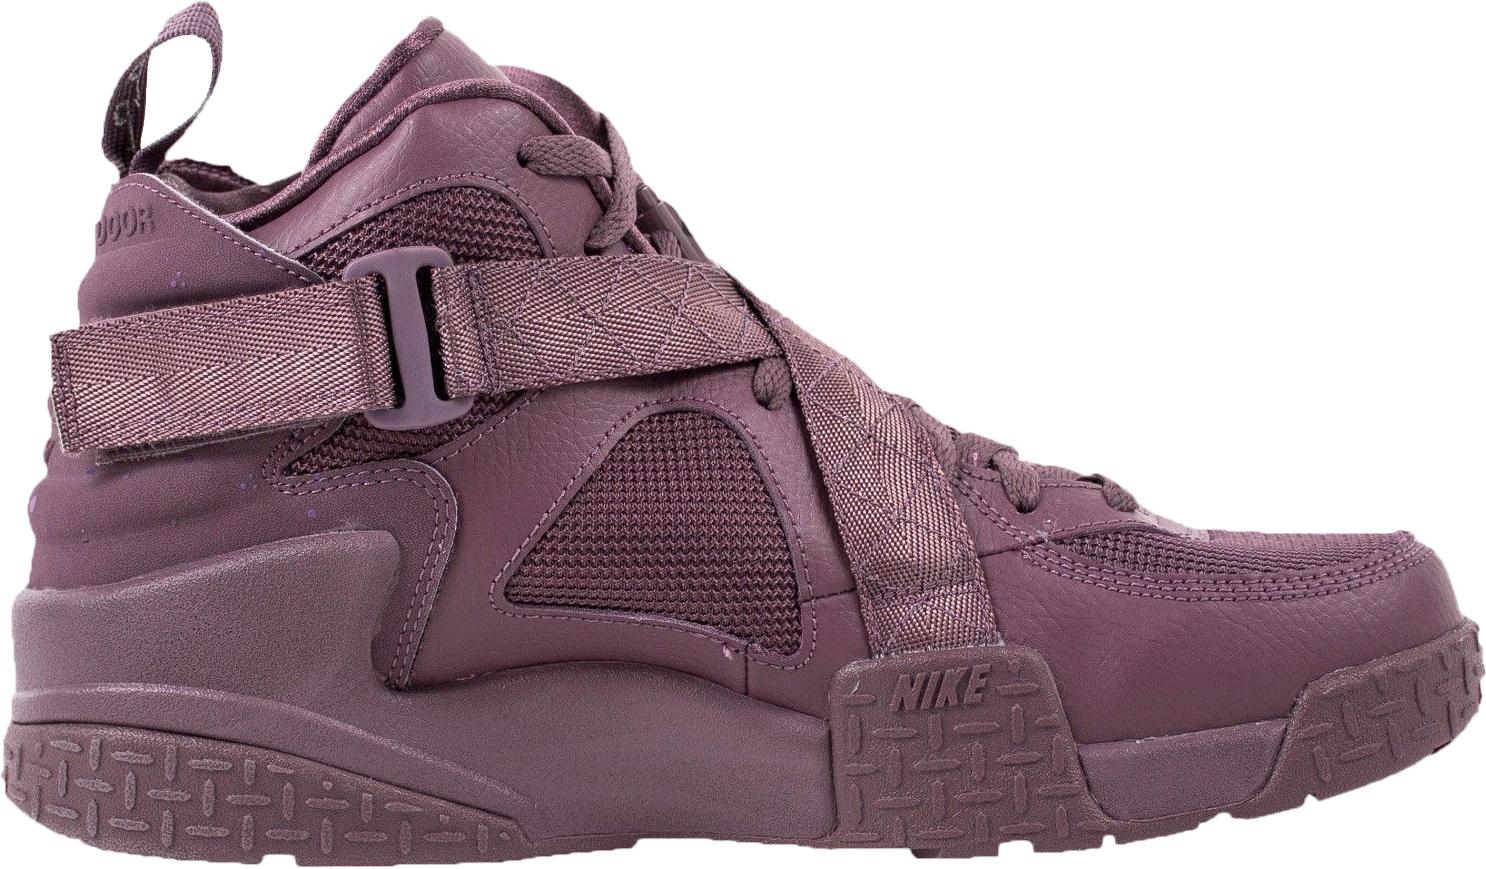 Nike Air Raid Pigalle - 729371-500